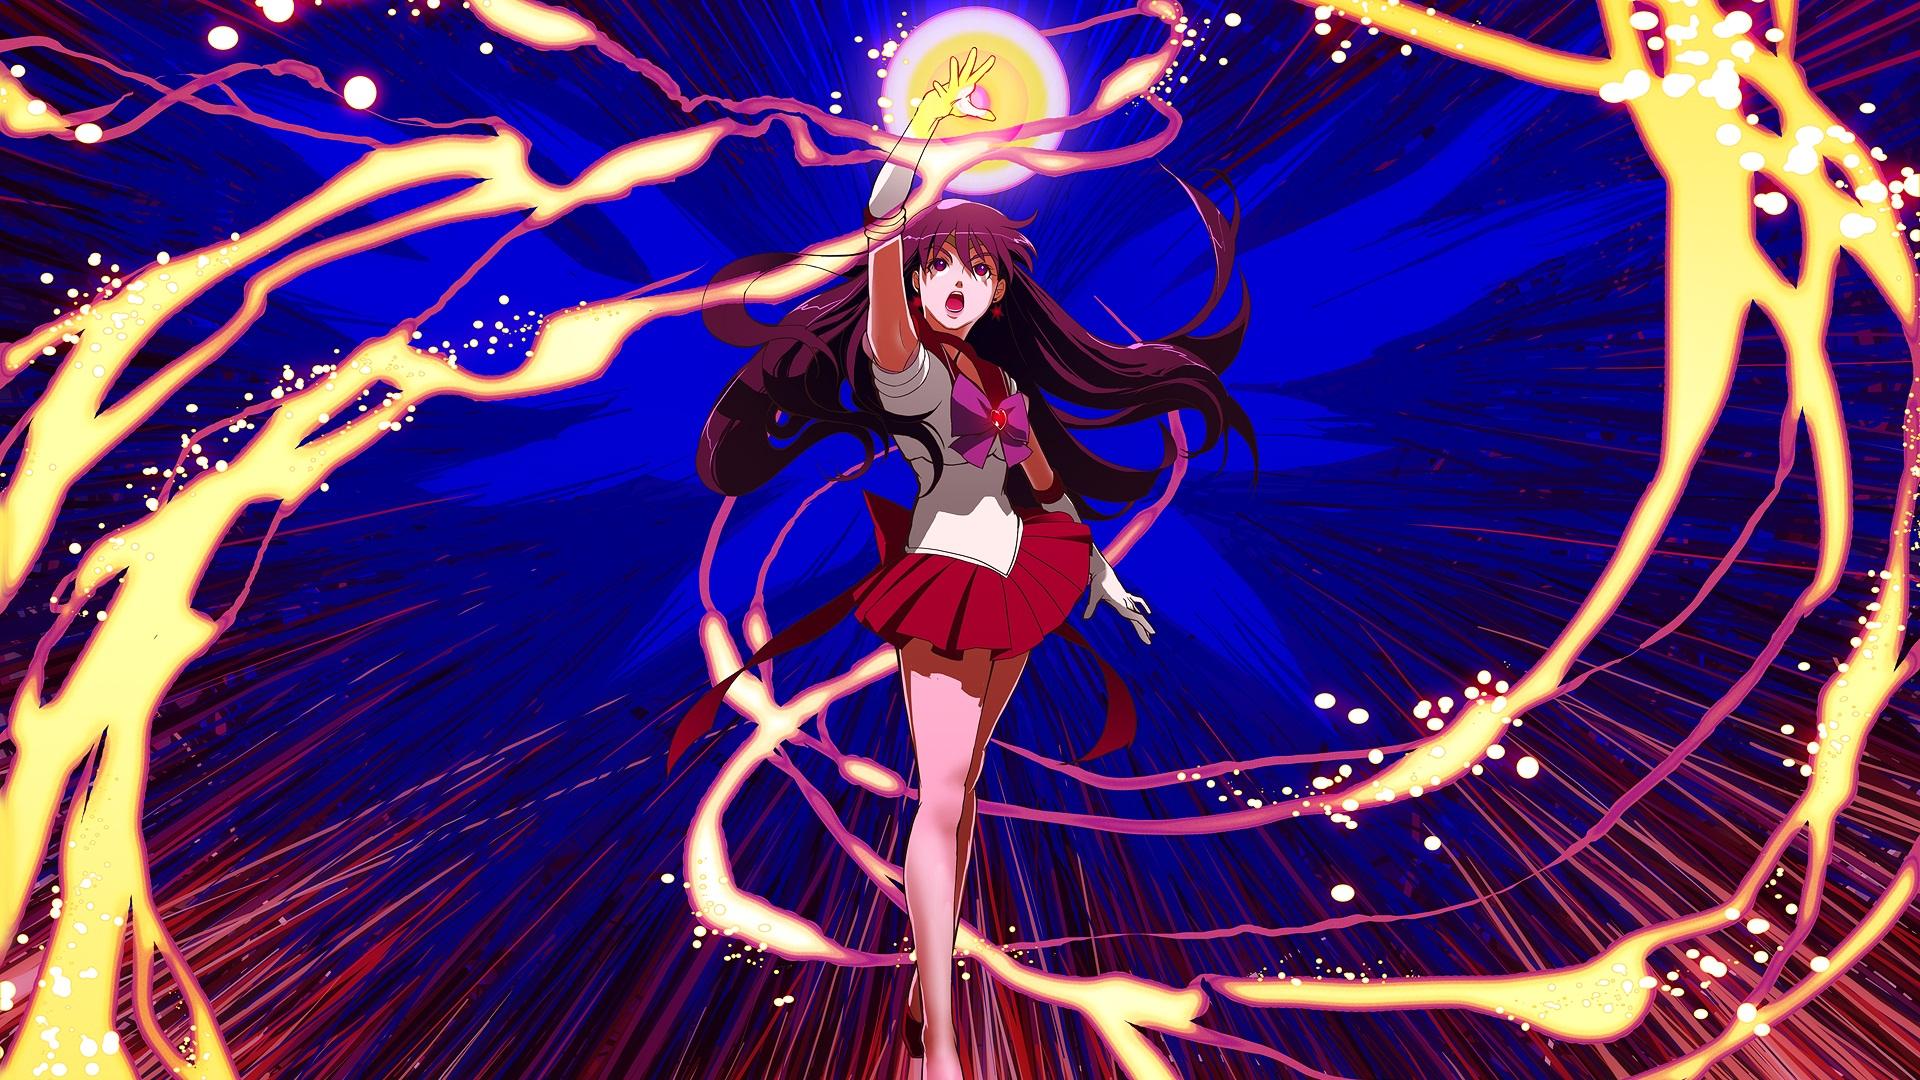 Sailor moon fondo de pantalla hd fondo de escritorio - Fondos de pantalla para pc 4k anime ...